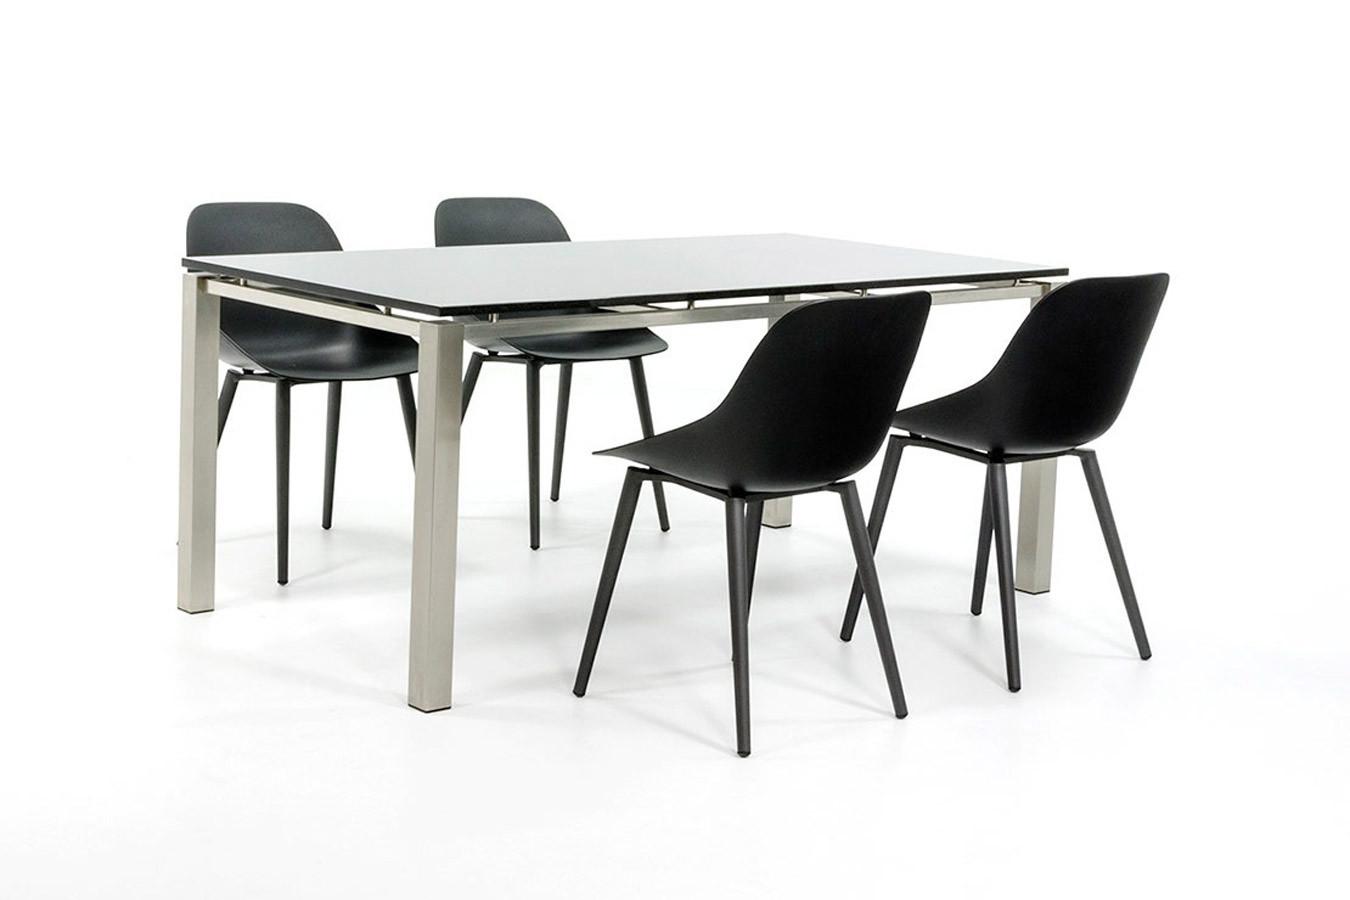 Gartentisch aus Edelstahl mit 4 modernen Gartenstühlen